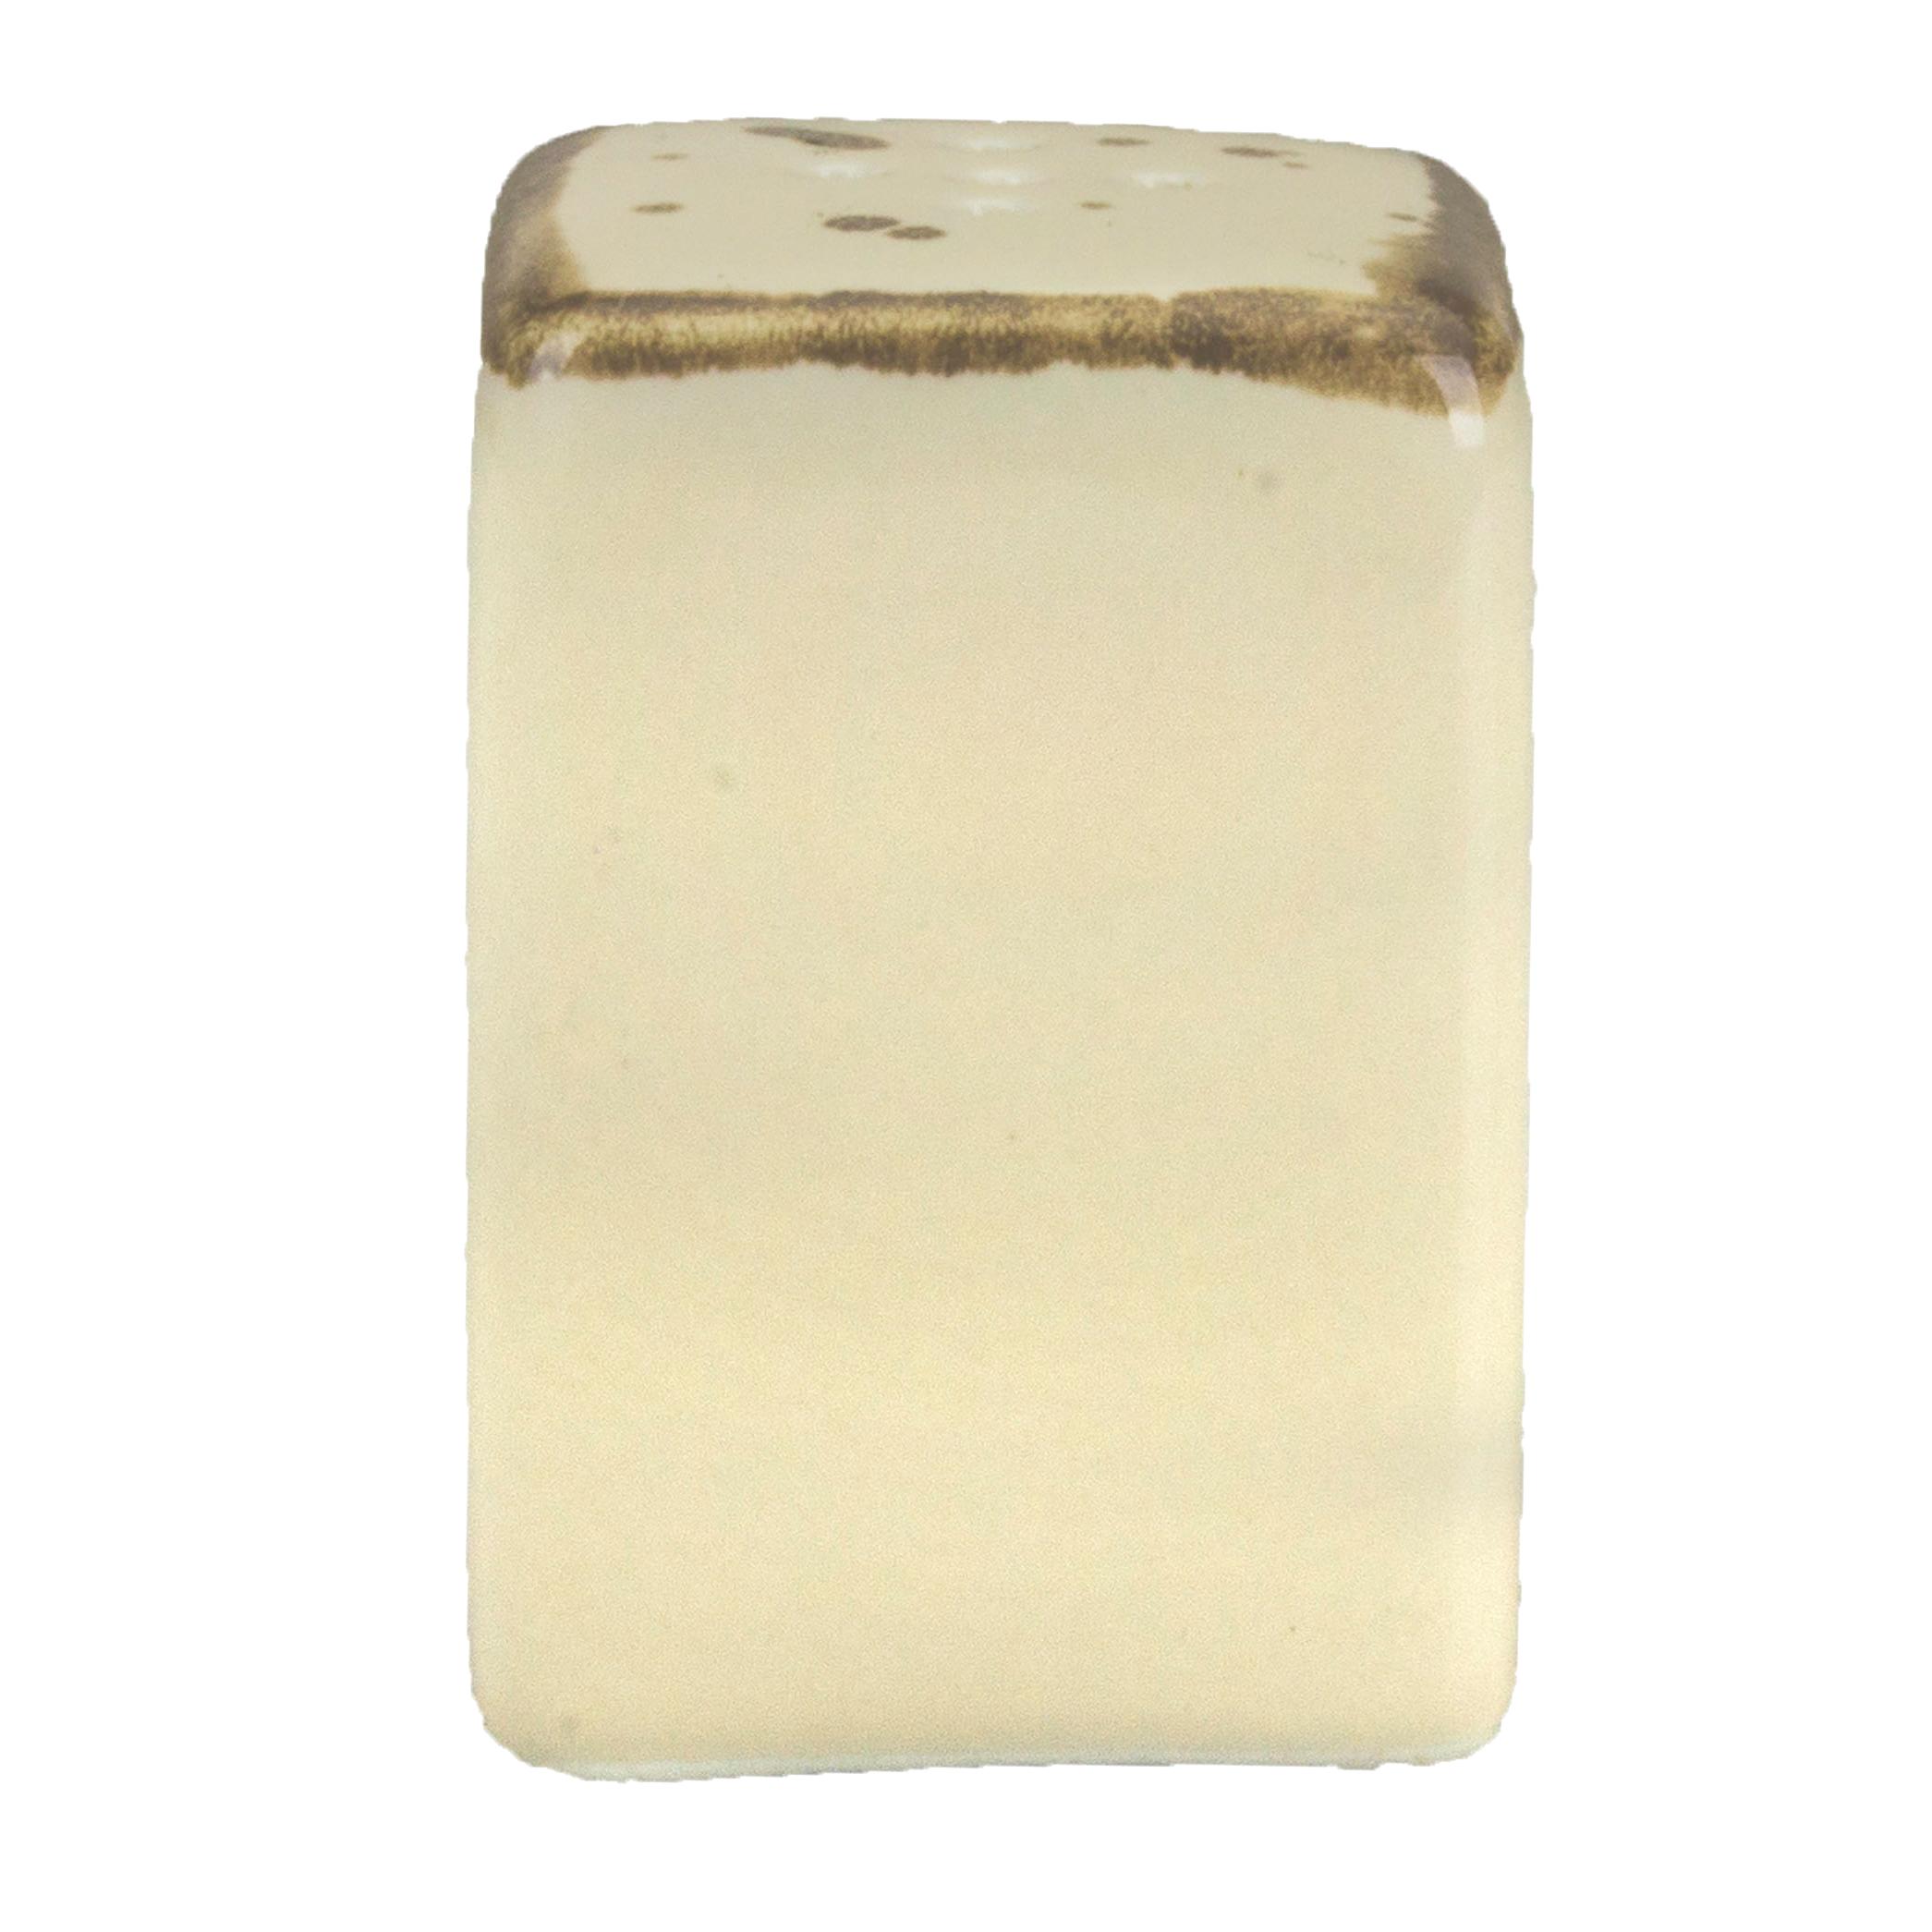 International Tableware SV-100-KH salt / pepper shaker, china